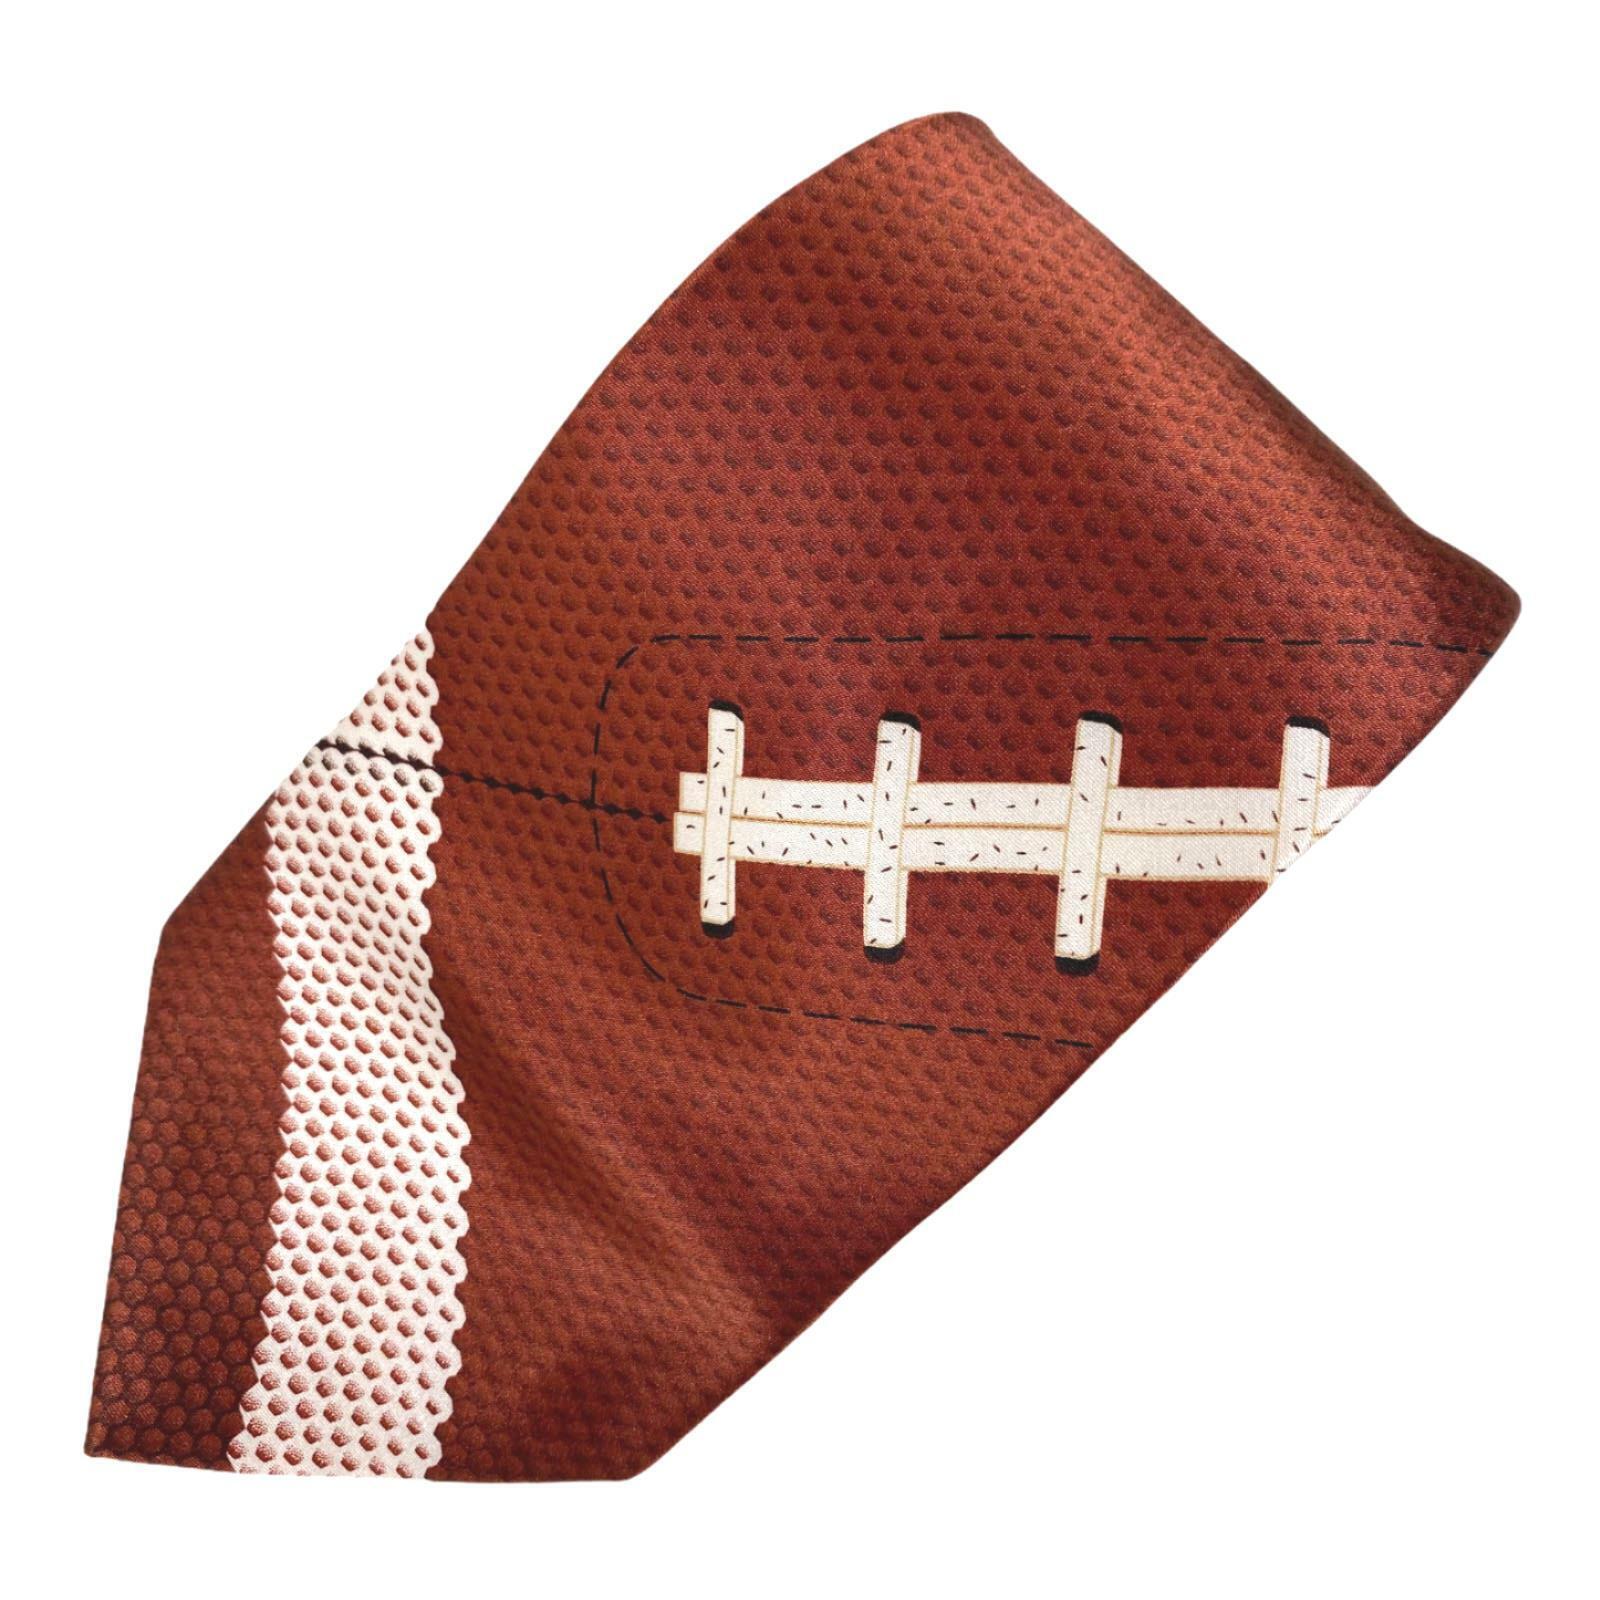 Ringmasters Fußball Spitze Braune Weiß Seide Krawatte